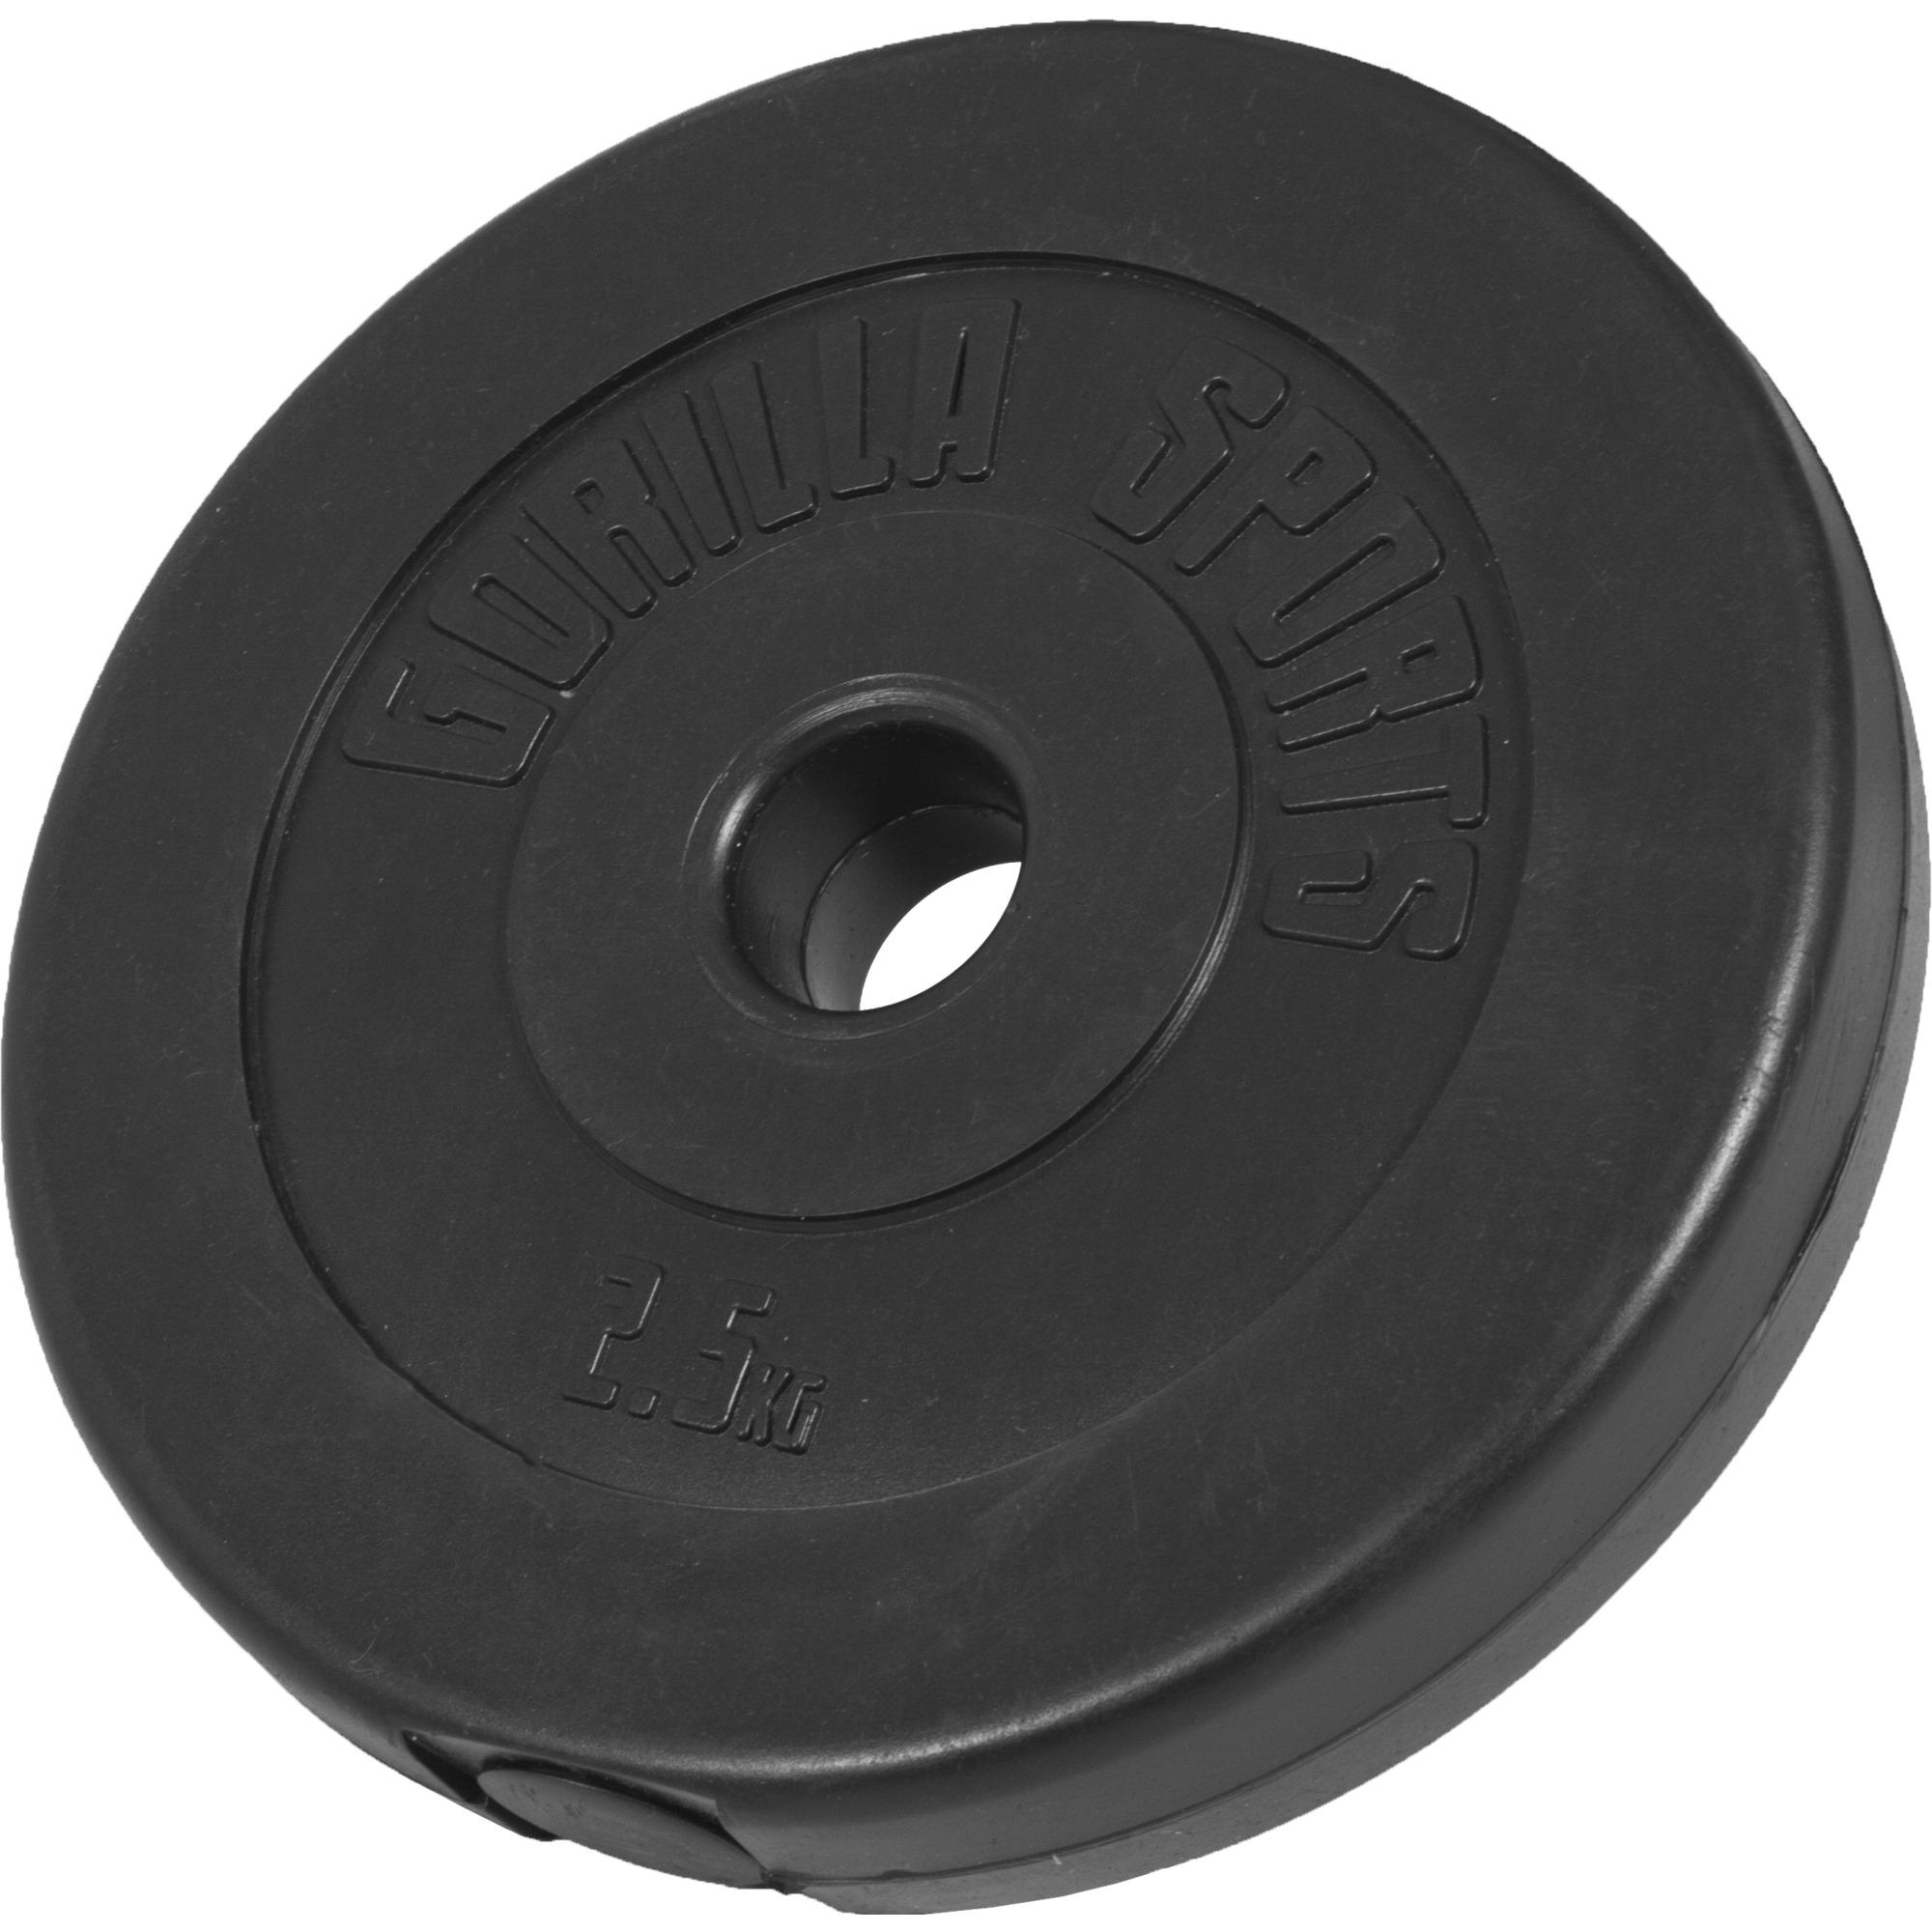 Gorilla Sports Hantelscheibe Kunststoff 2,5 kg 100547-00006-0007